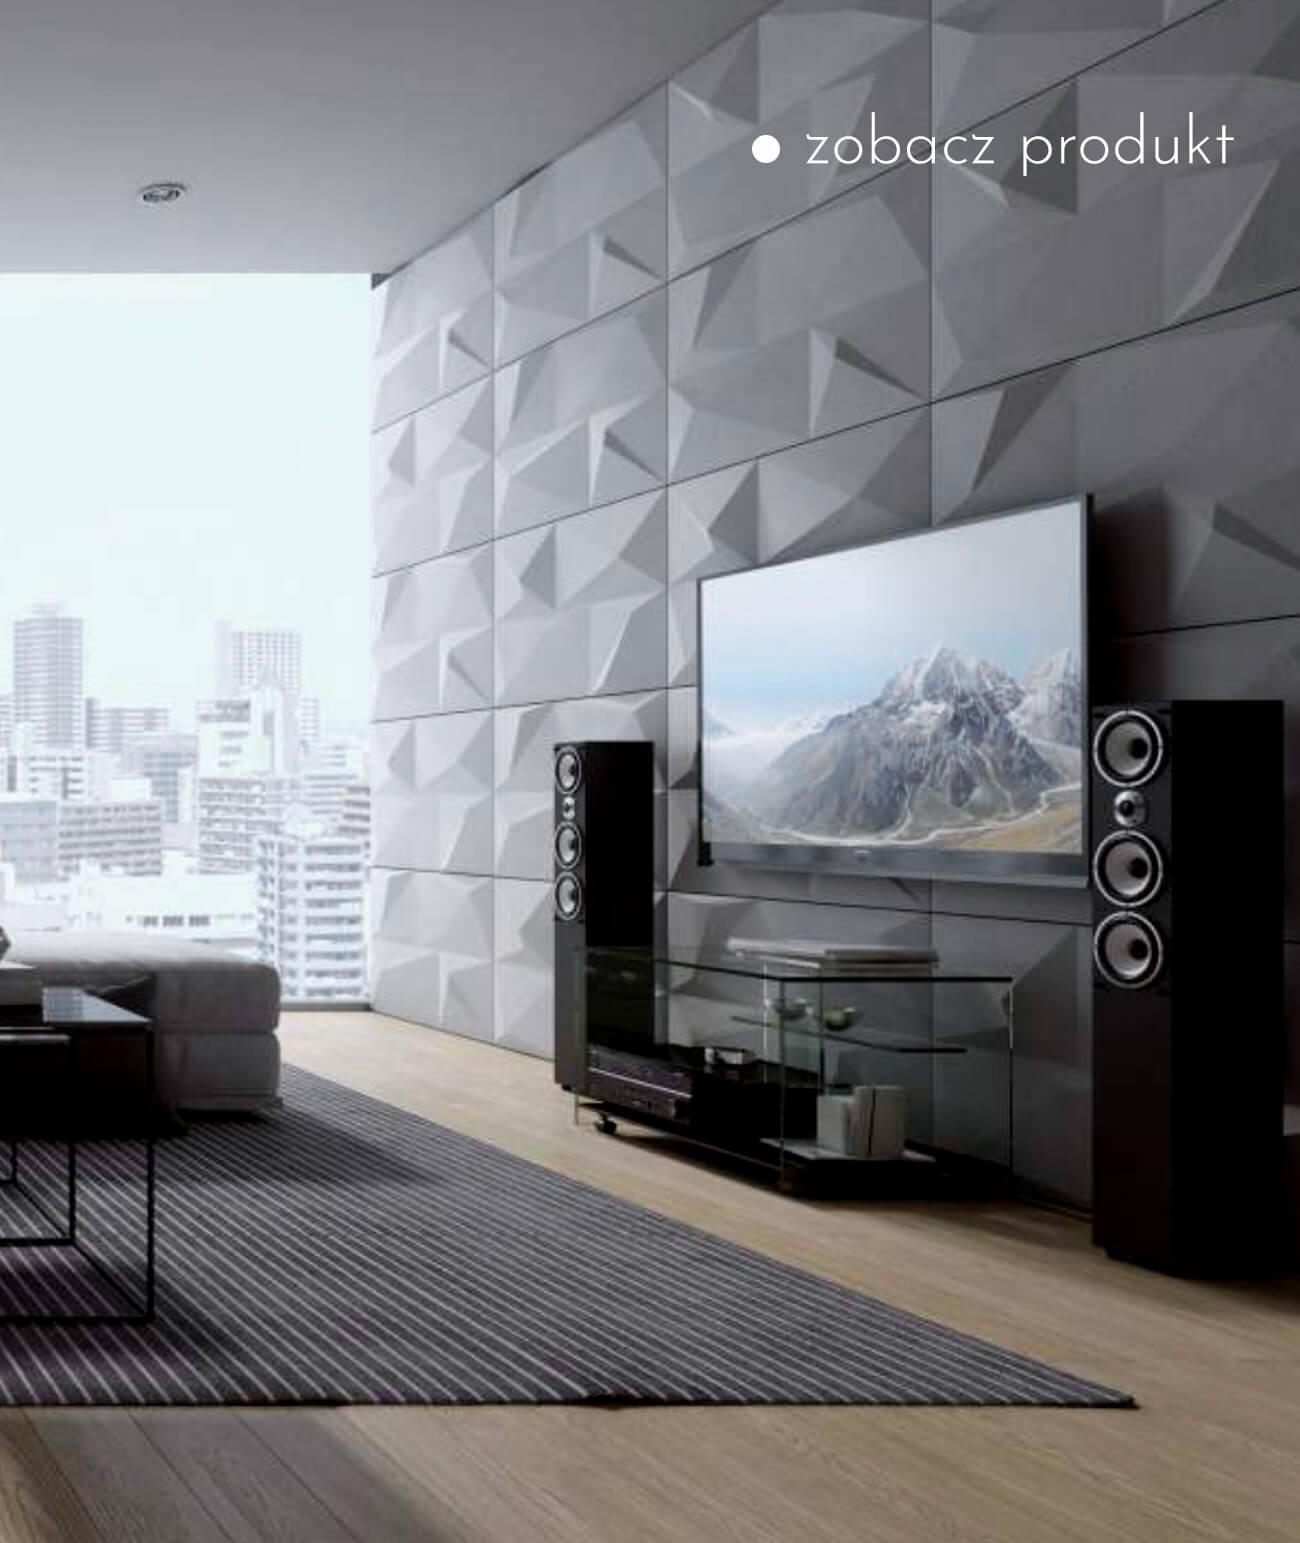 panele-betonowe-3d-scienne-i-elewacyjne-beton-architektoniczny_350-1931-pb07-bs-sniezno-bialy-krysztal---panel-dekor-3d-beton-architektoniczny-panel-scienny